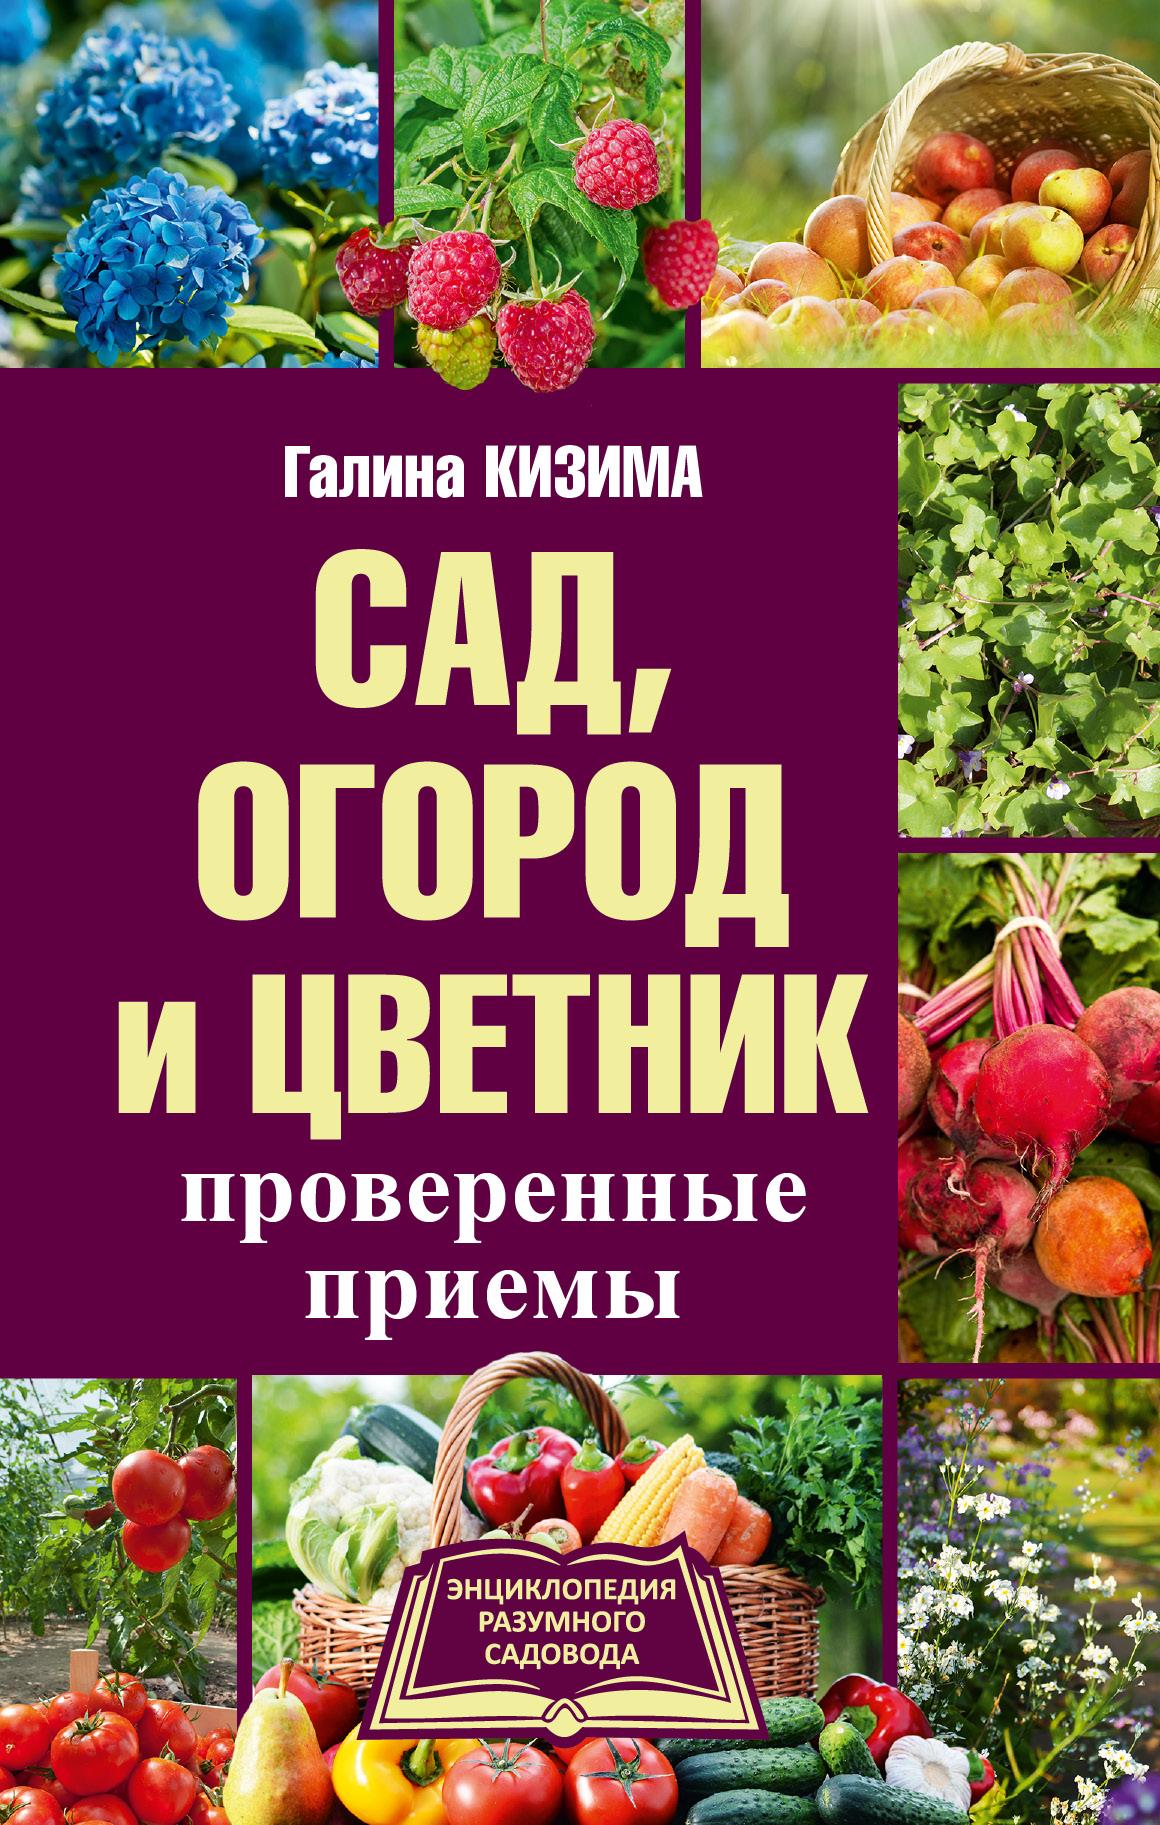 Кизима Г.А. Сад, огород и цветник. Проверенные приемы